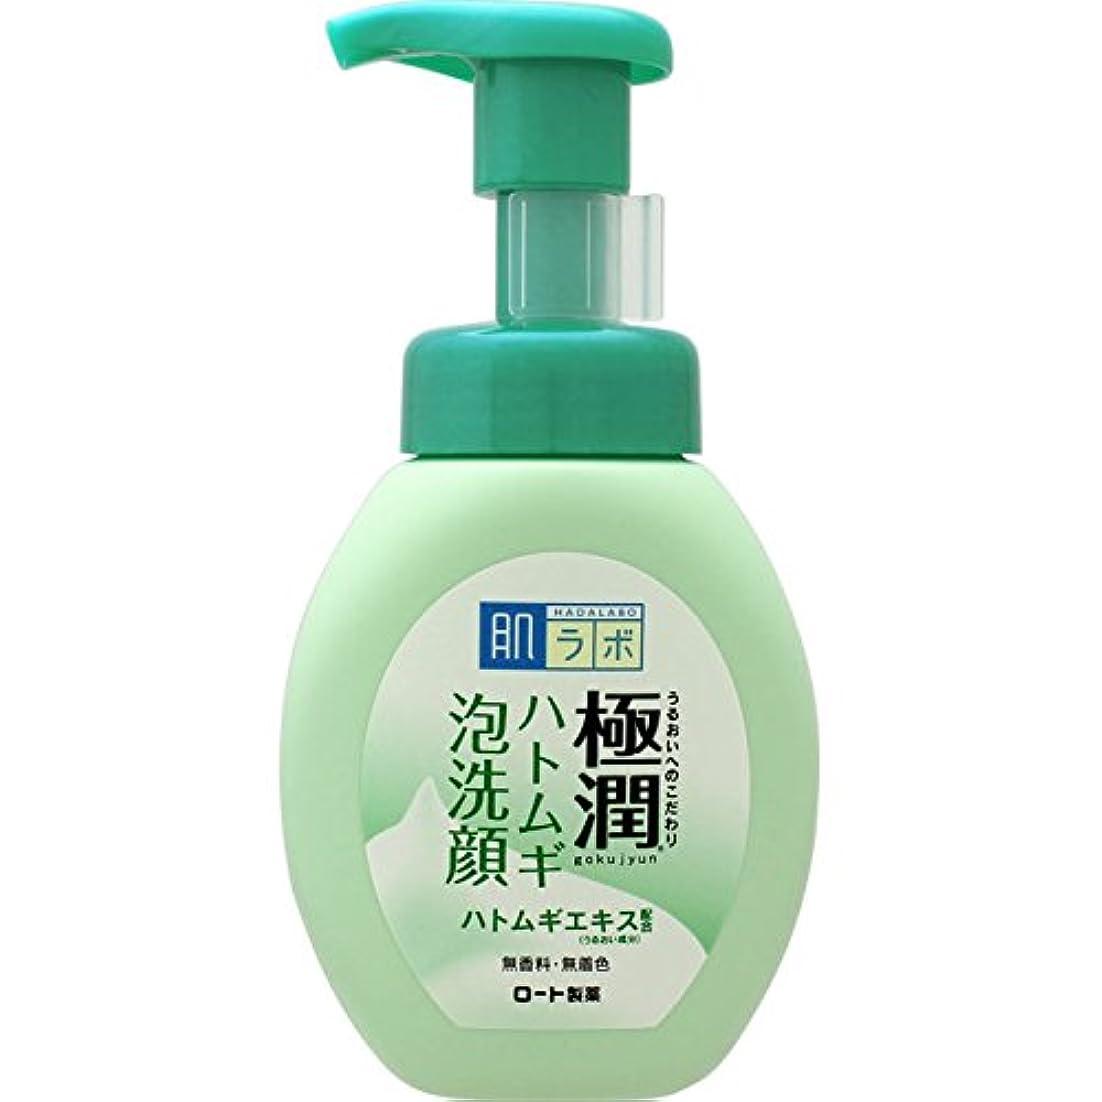 信頼性のあるフレッシュ列車肌ラボ 極潤 毛穴洗浄 大人ニキビ予防 ハトムギ泡洗顔 160mL